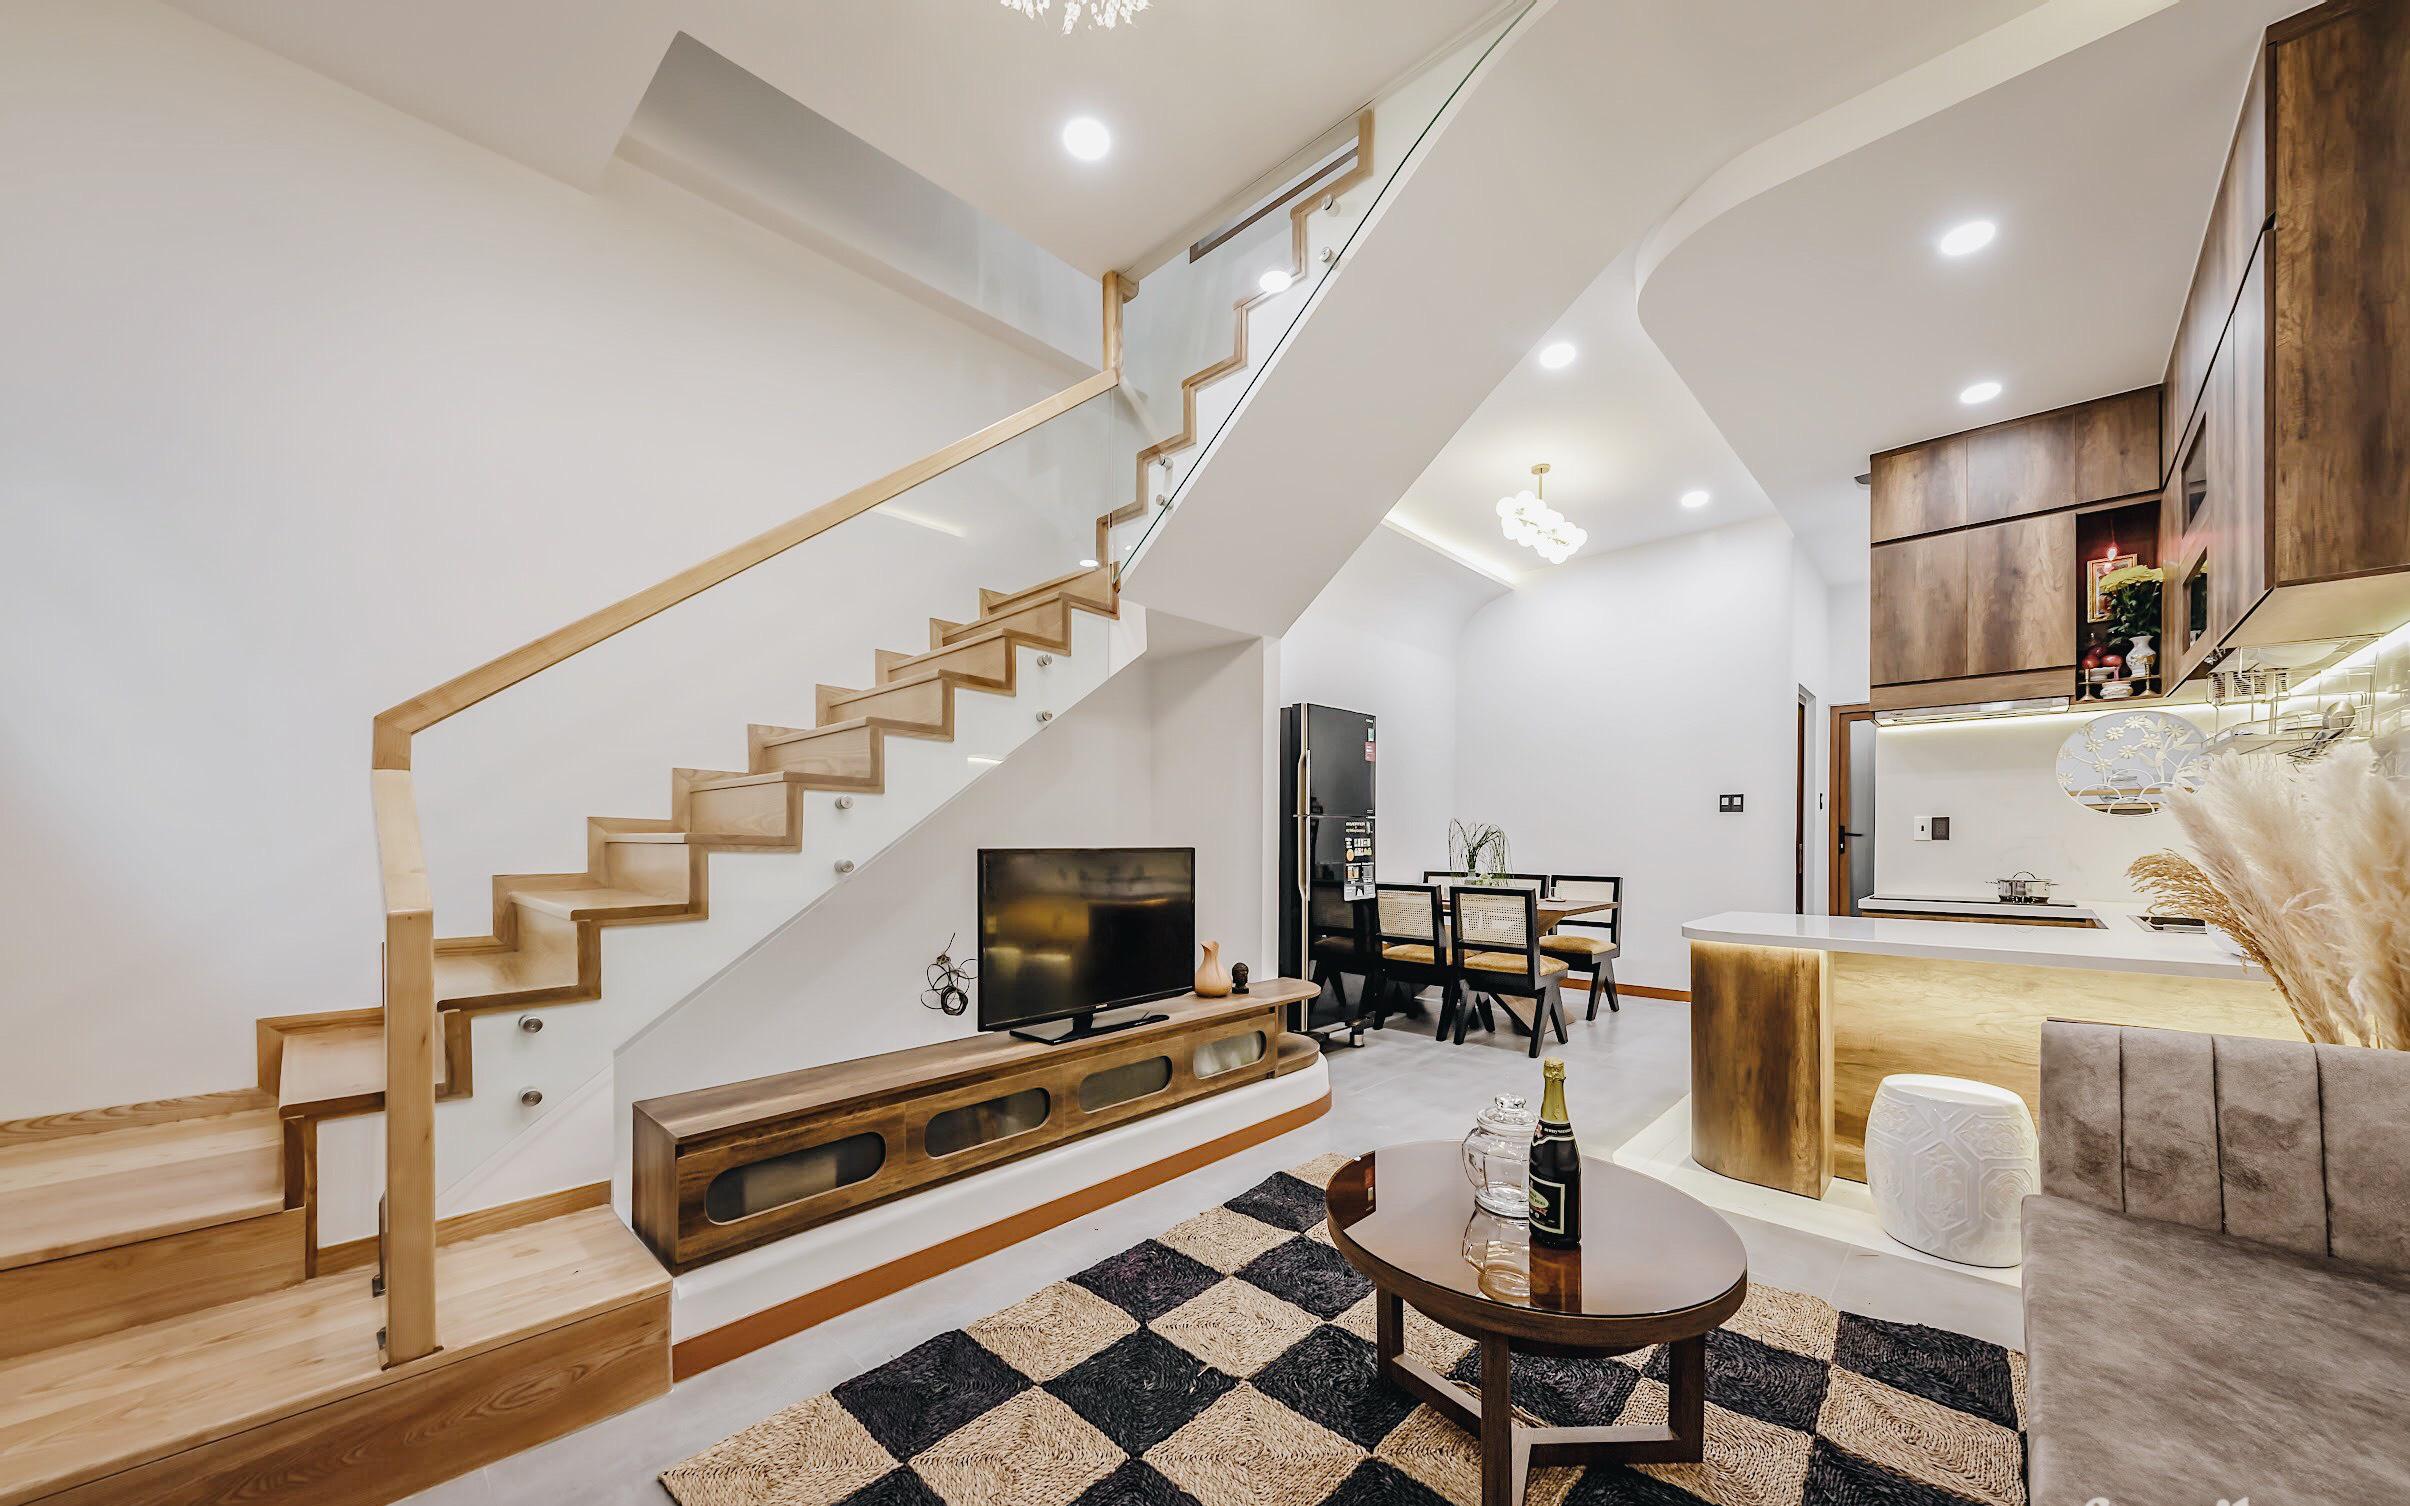 Căn nhà màu trắng đón nắng ngập tràn theo phong cách tối giản có chi phí gần 3 tỷ đồng của con trai xây tặng bố mẹ ở Nha Trang